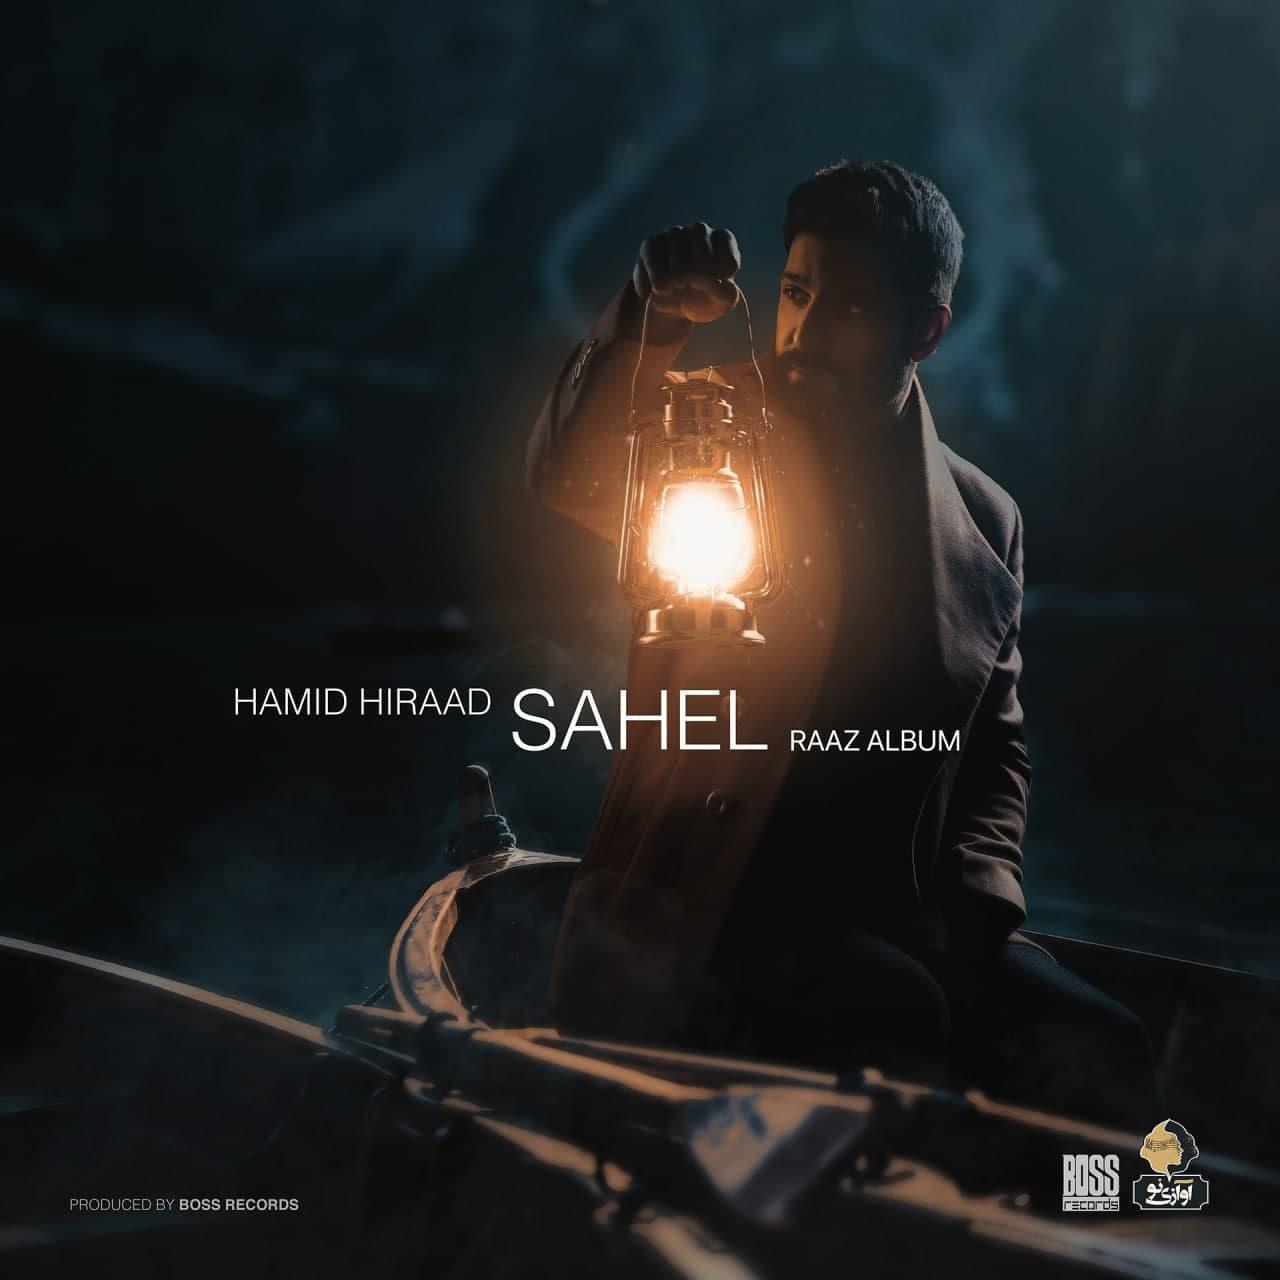 Hamid Hiraad – Sahel